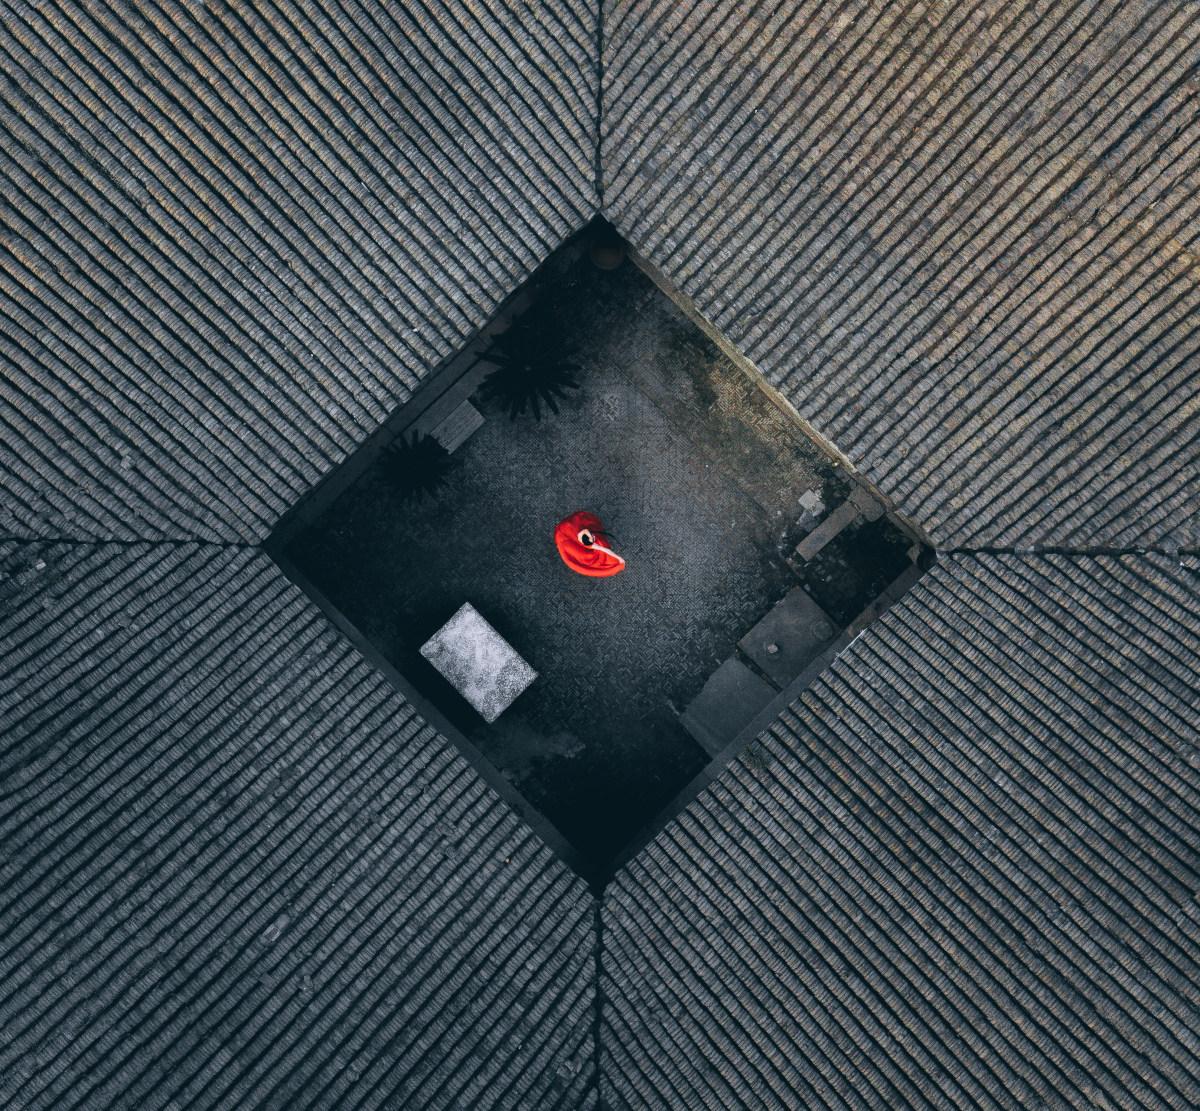 1-е место в категории«Портрет», группа«Любитель» конкурса дрон-фотографии SkyPixel 2017